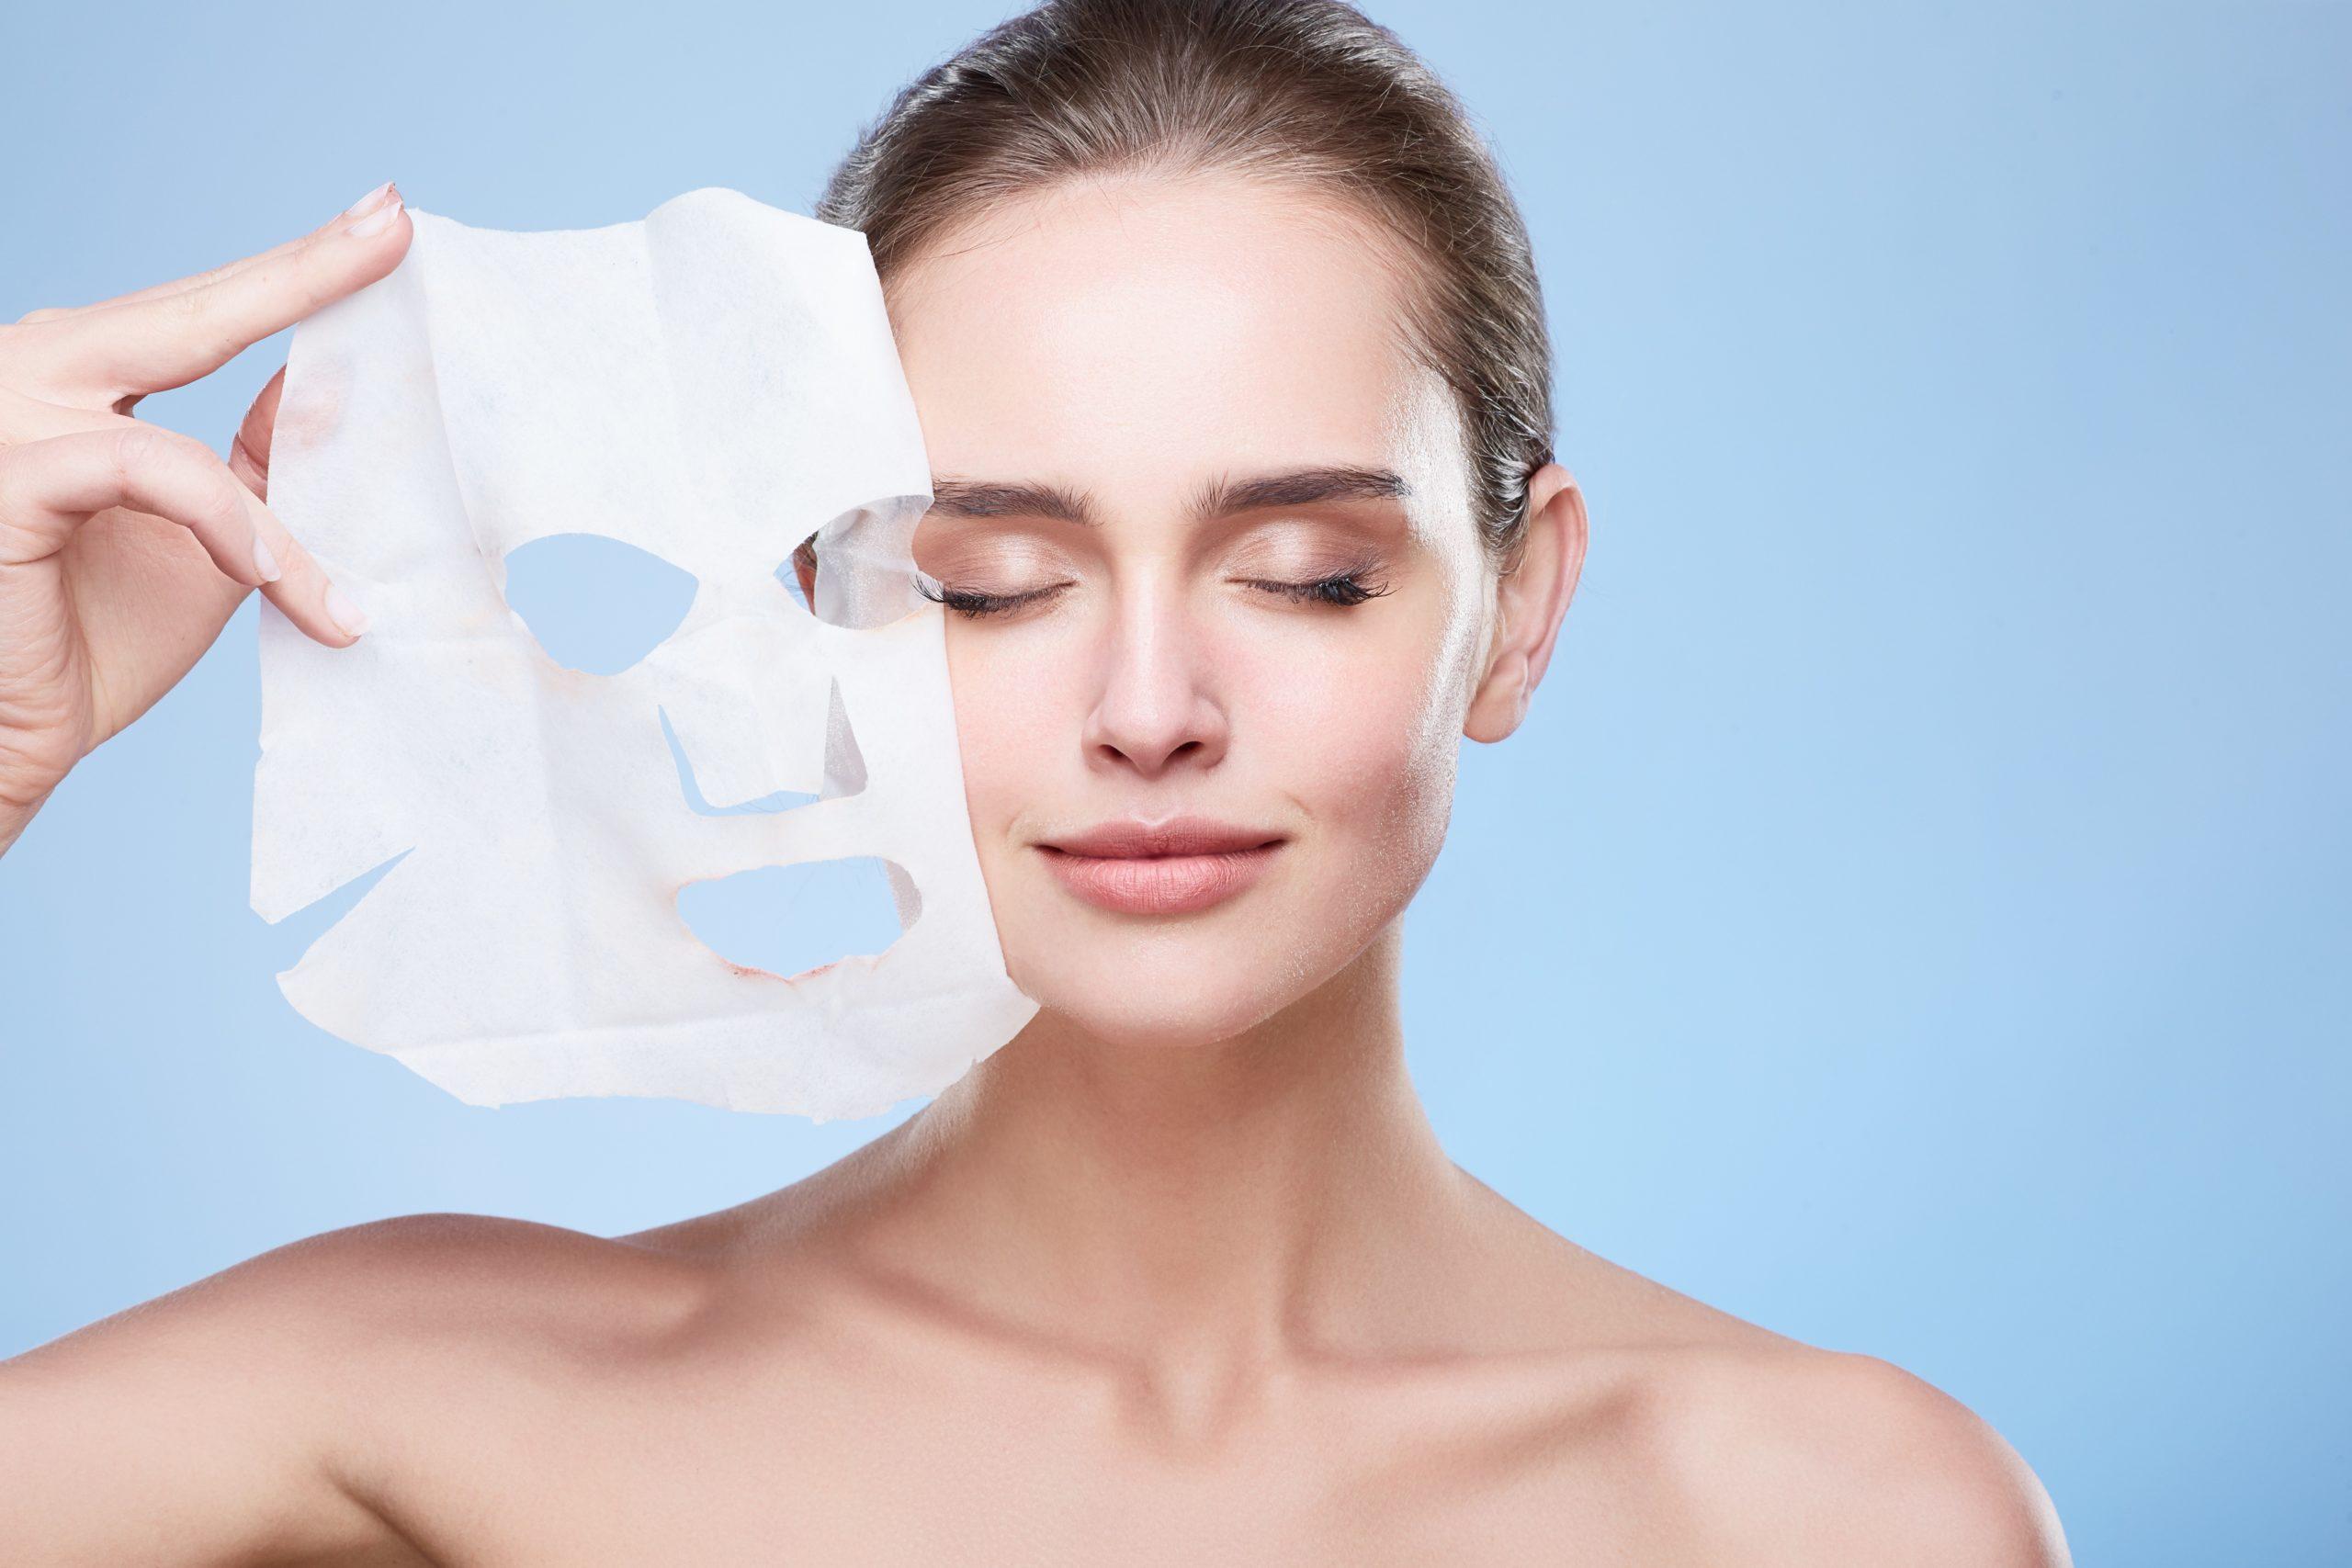 炭酸パックスキンケアはエステ級におすすめ!選び方や効果的な使い方